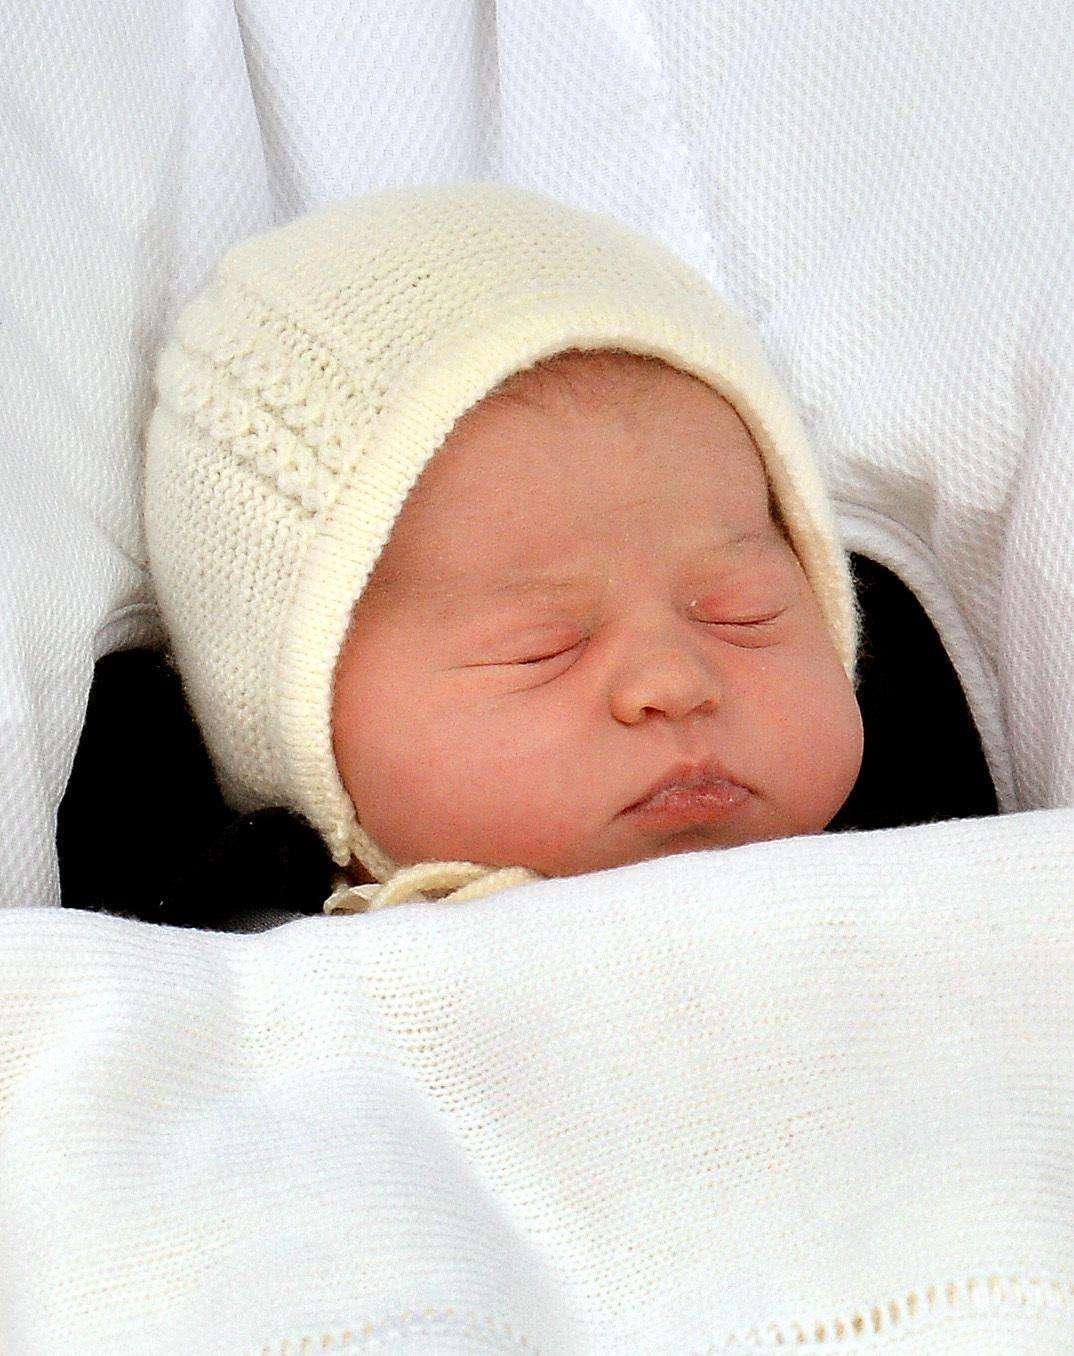 Kate scatta le prime foto a Charlotte i primi giorni di vita